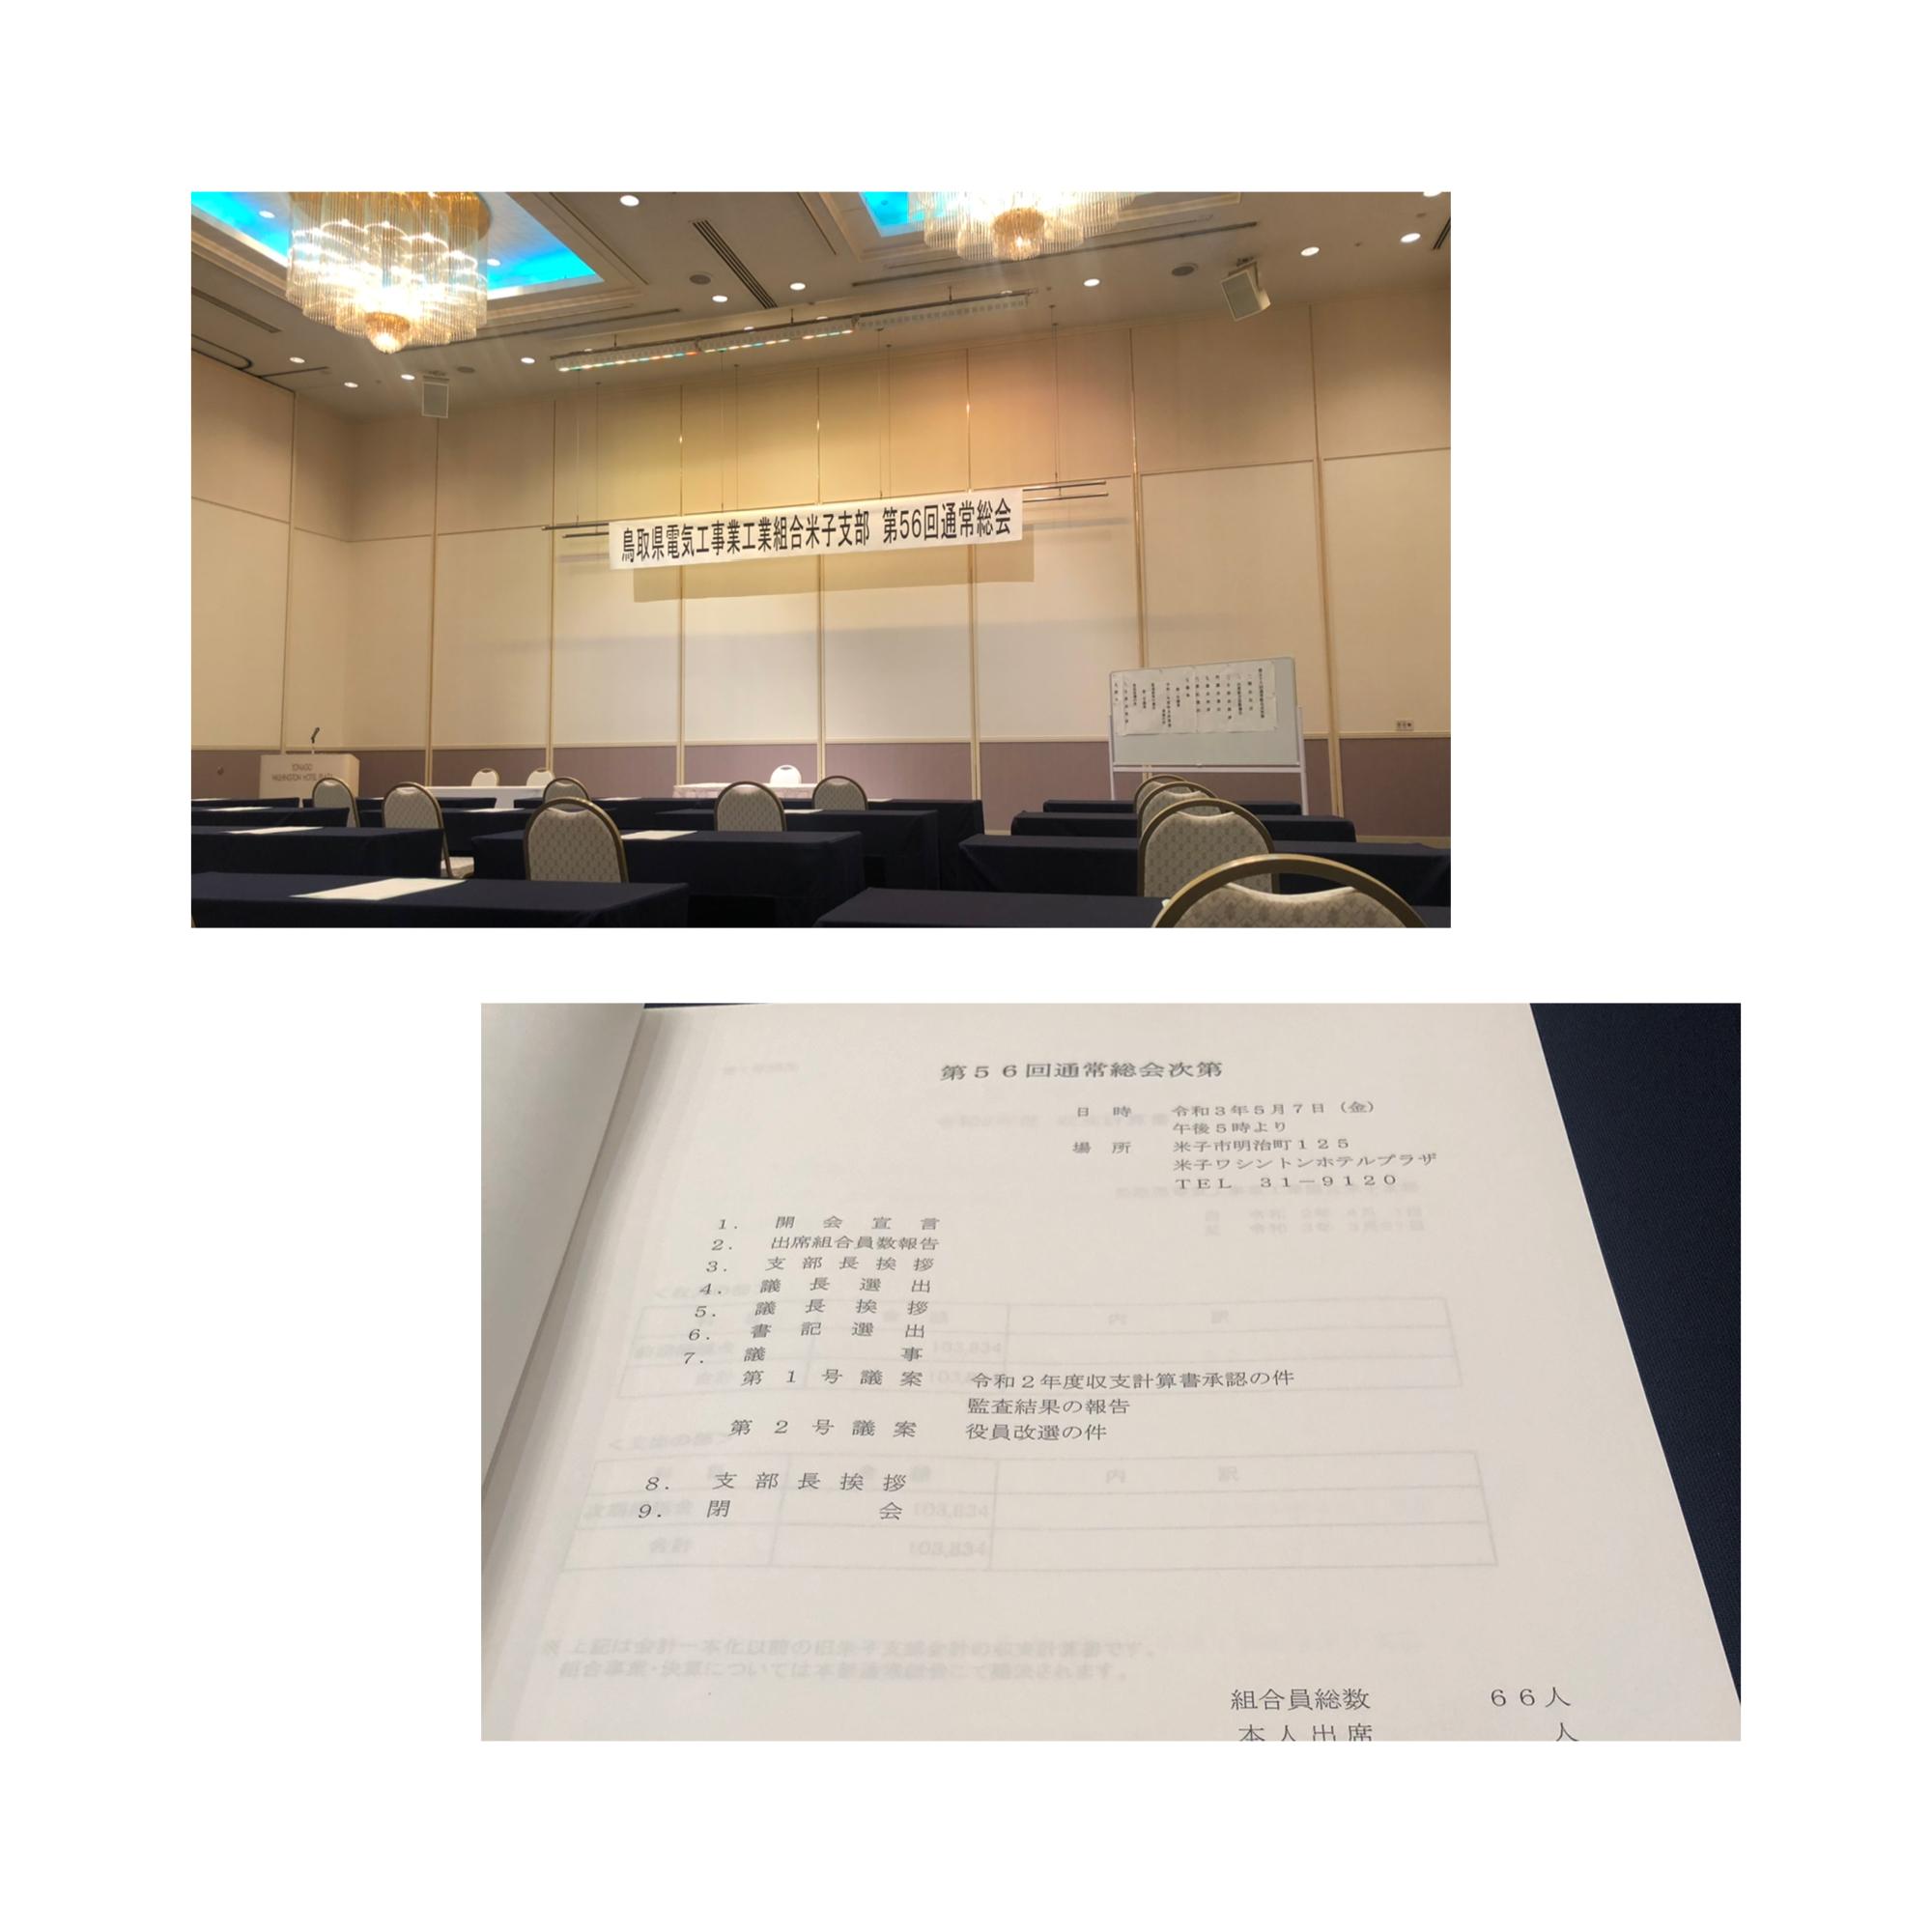 鳥取県電気工事業工業組合 米子支部 第56回通常総会